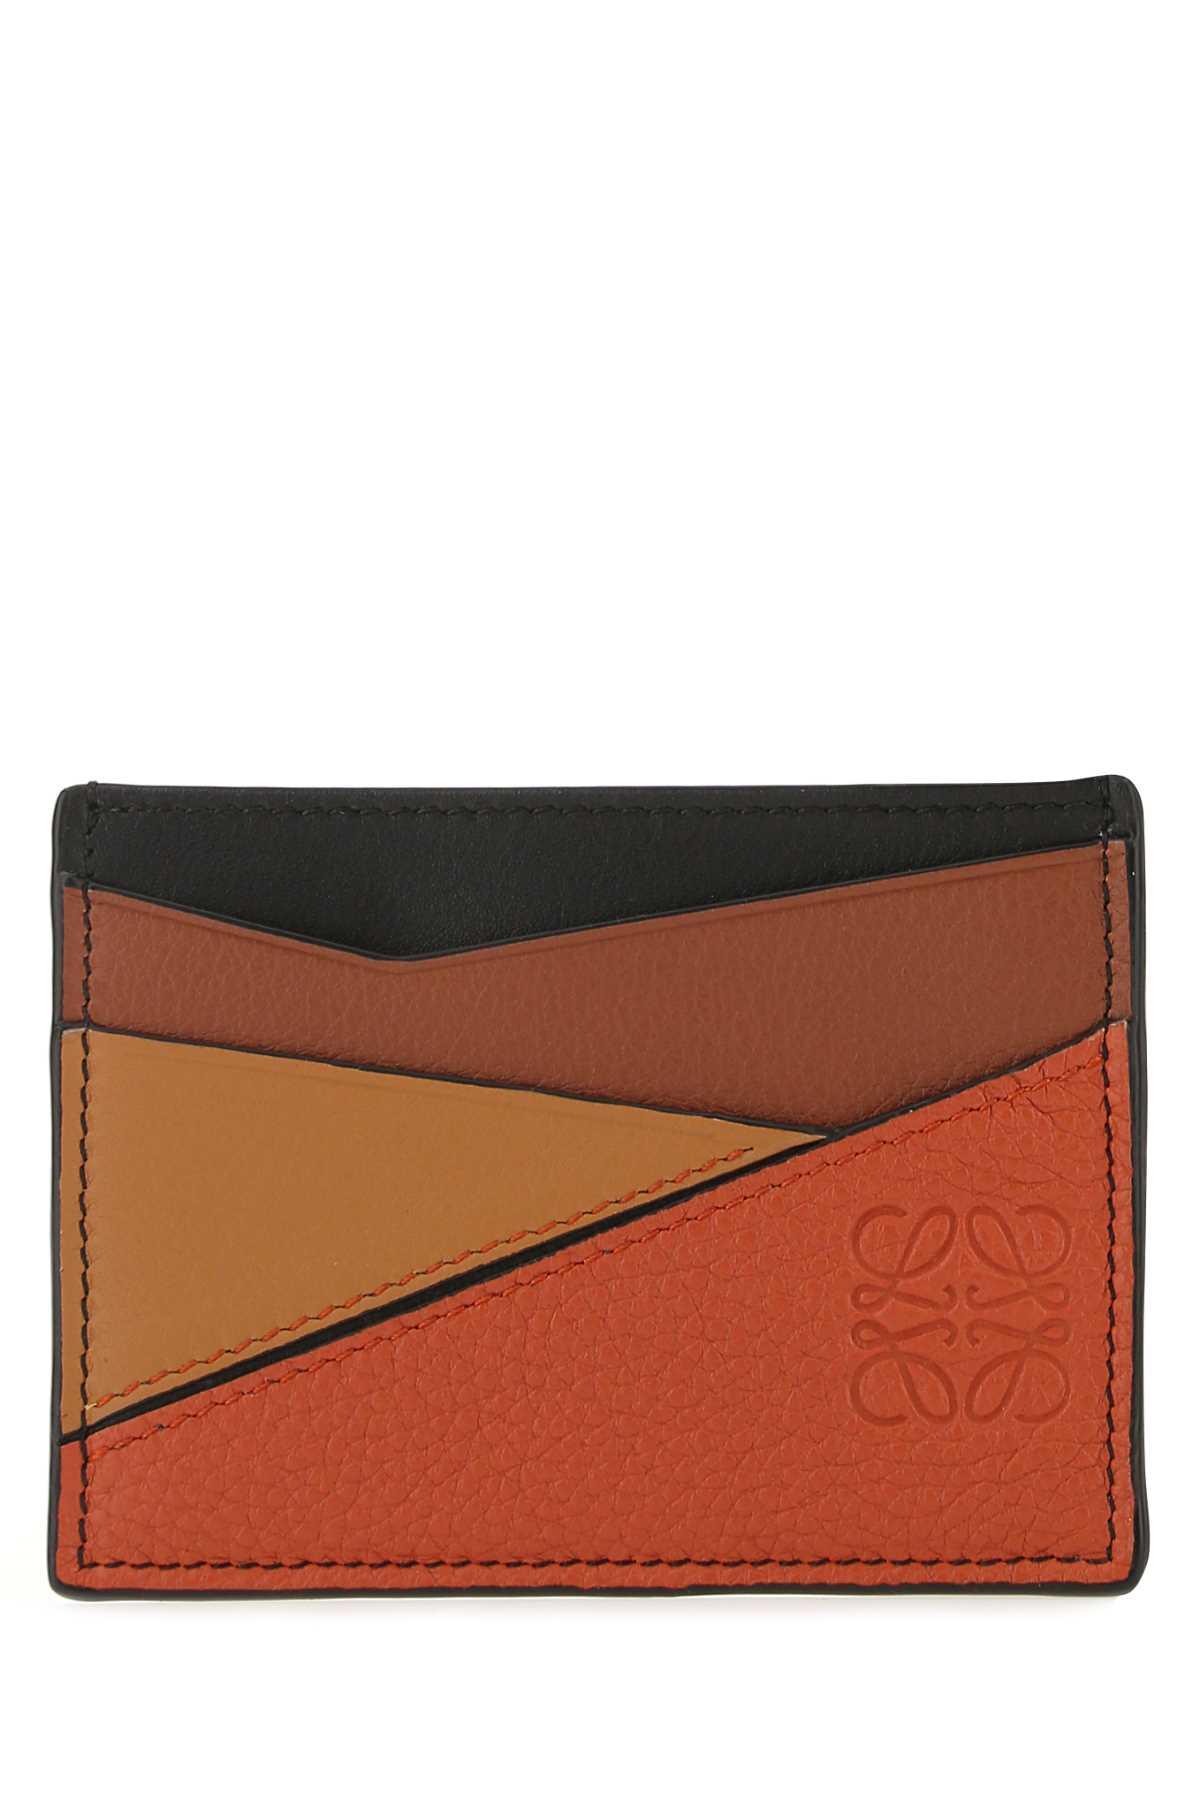 로에베 지갑 C510137X01 PUMPKINRUST